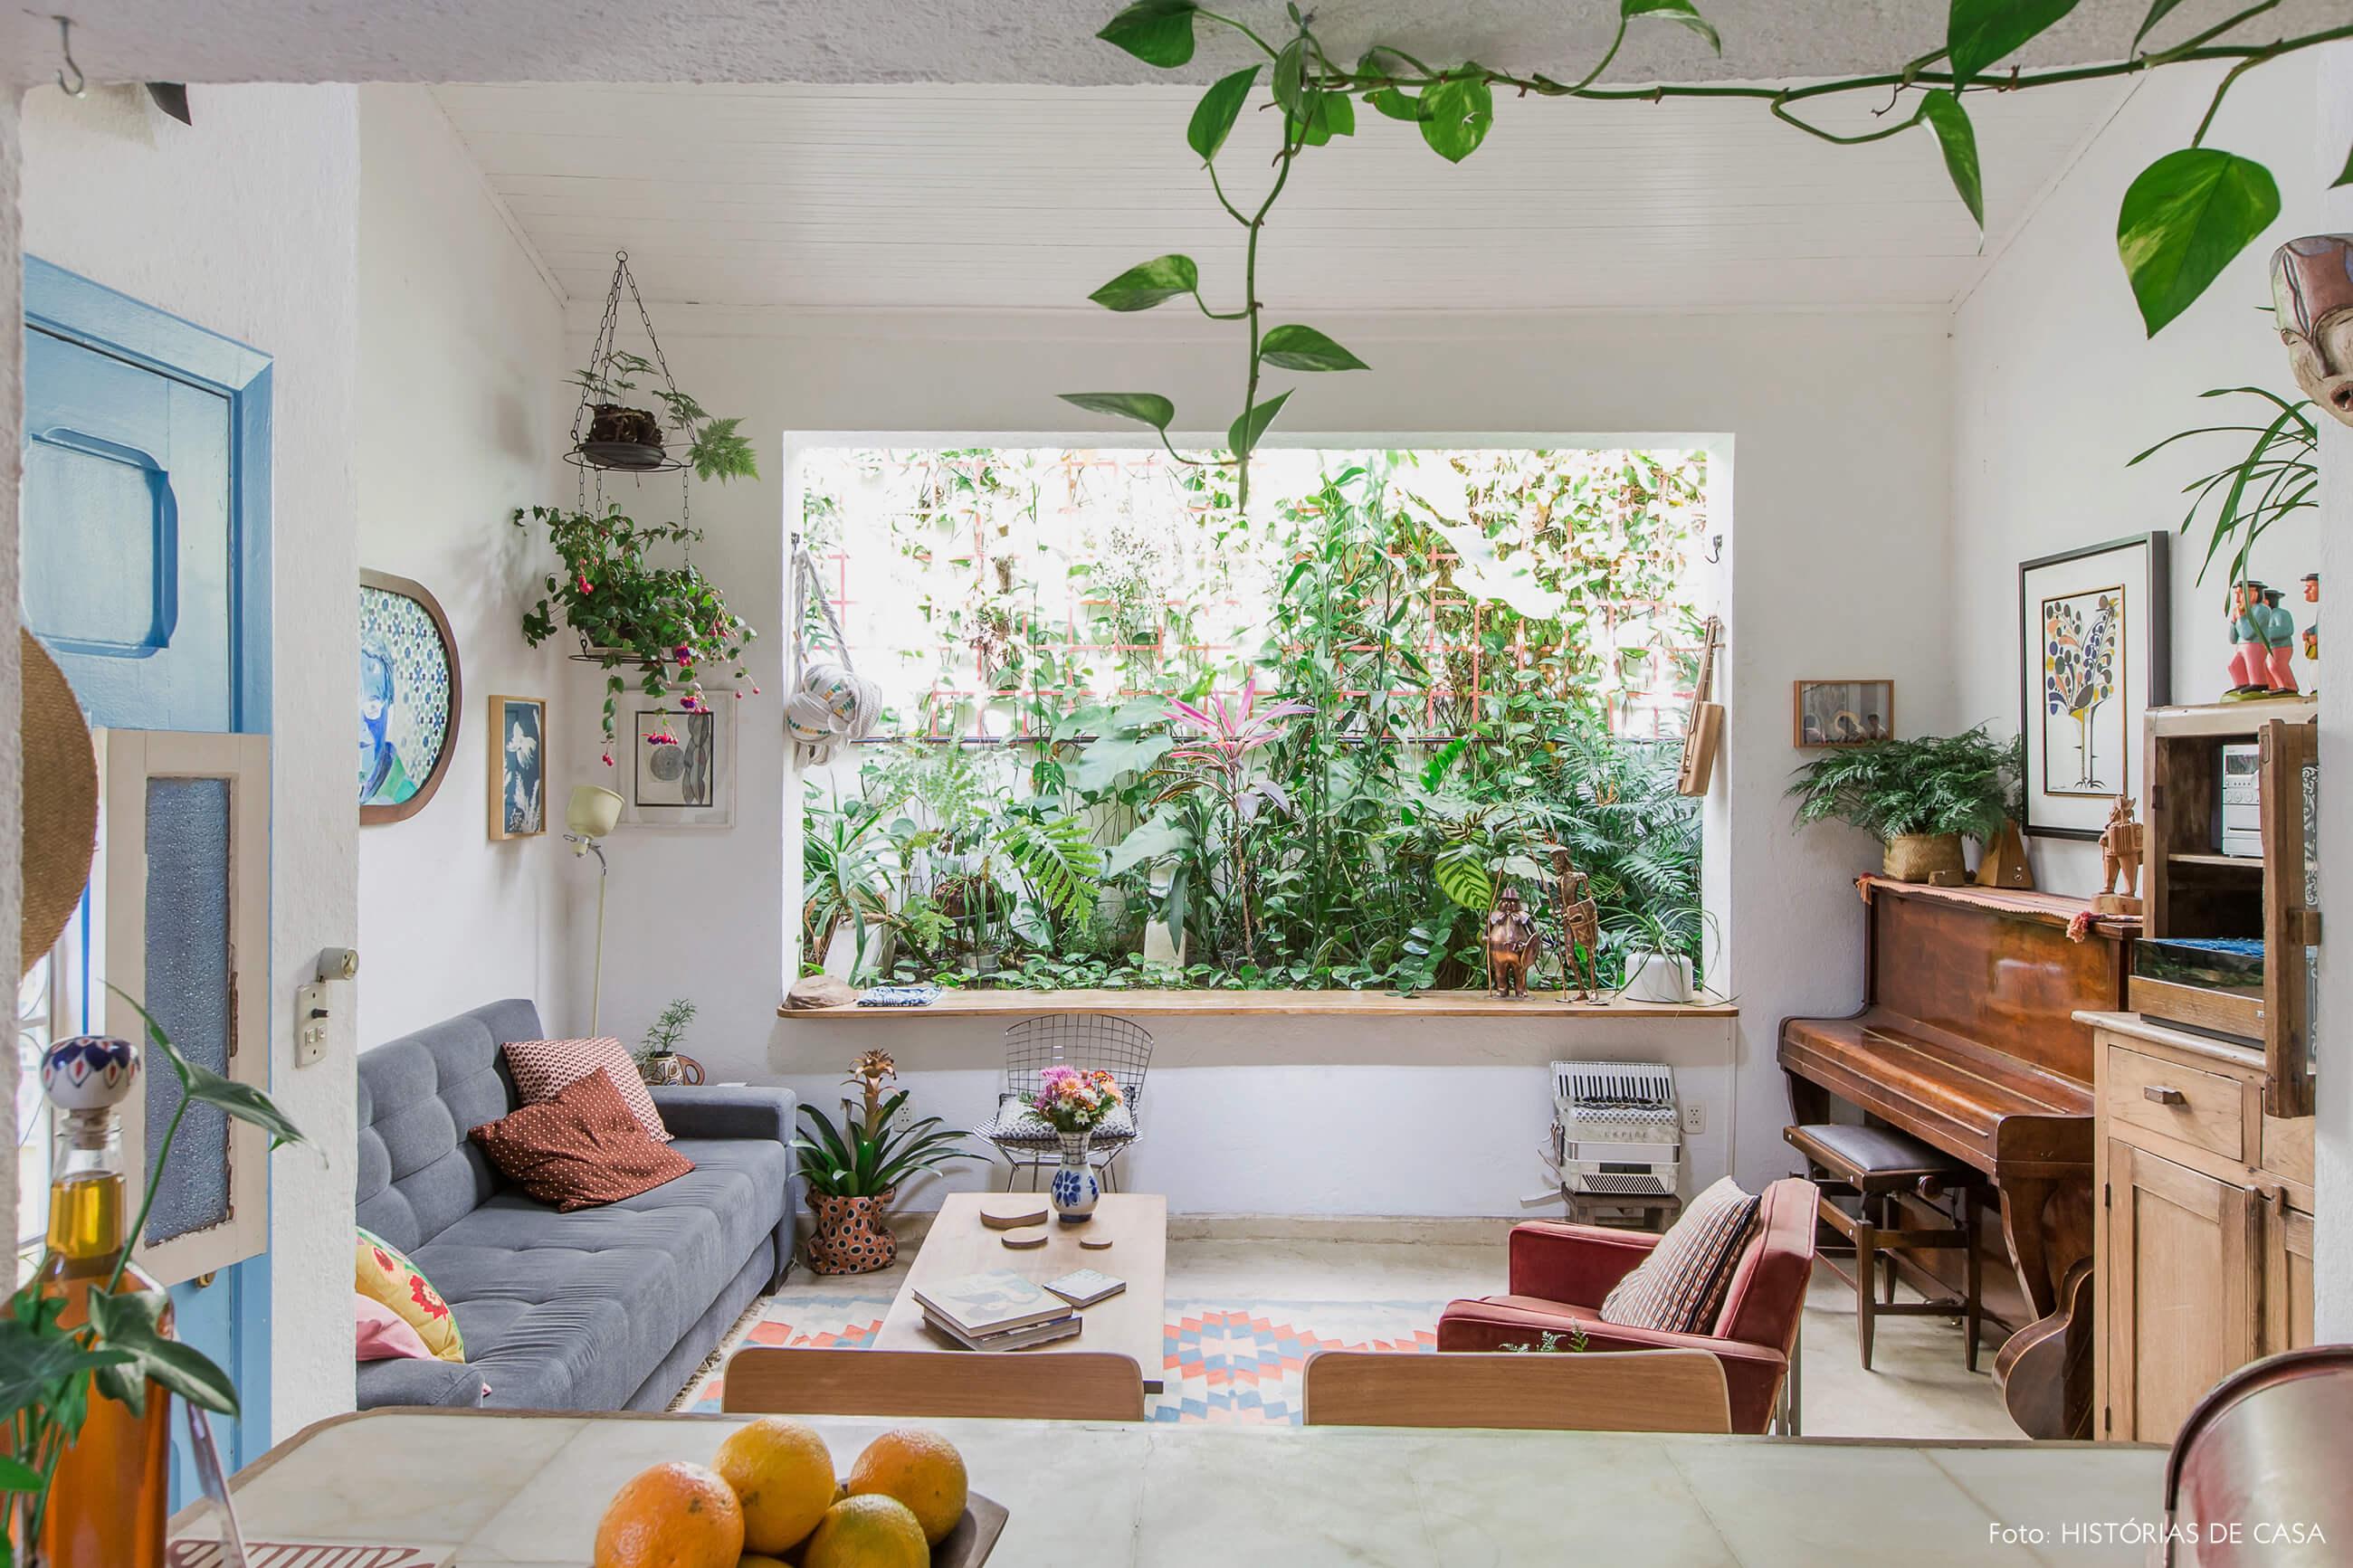 Sala com jardim interno e decoração colorida